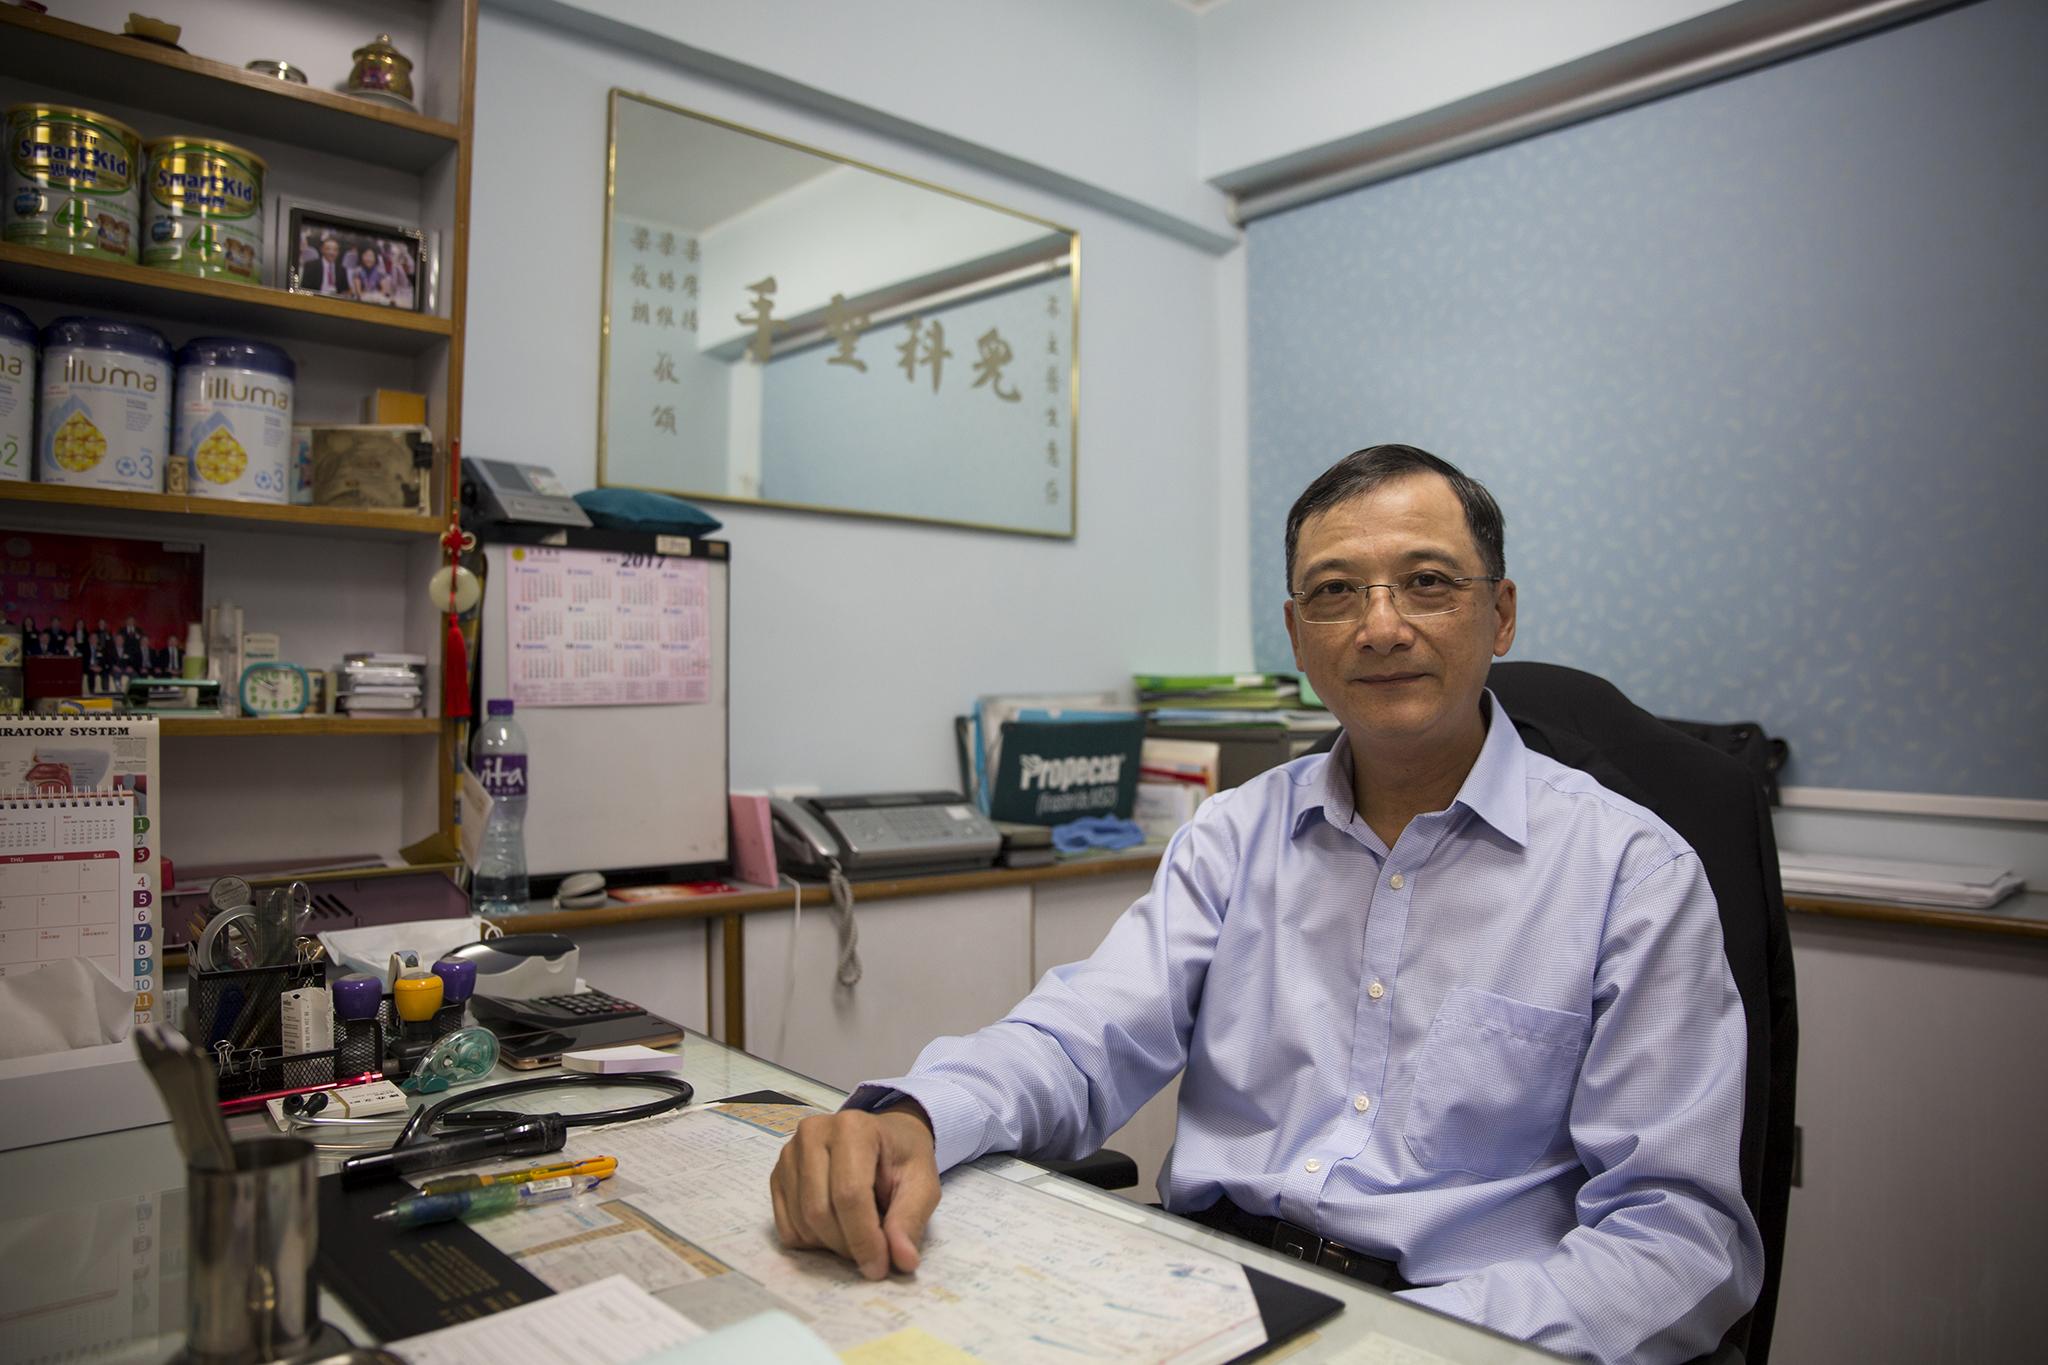 Declarações de rendimentos   Chan Iek Lap ligado a nove grupos associativos